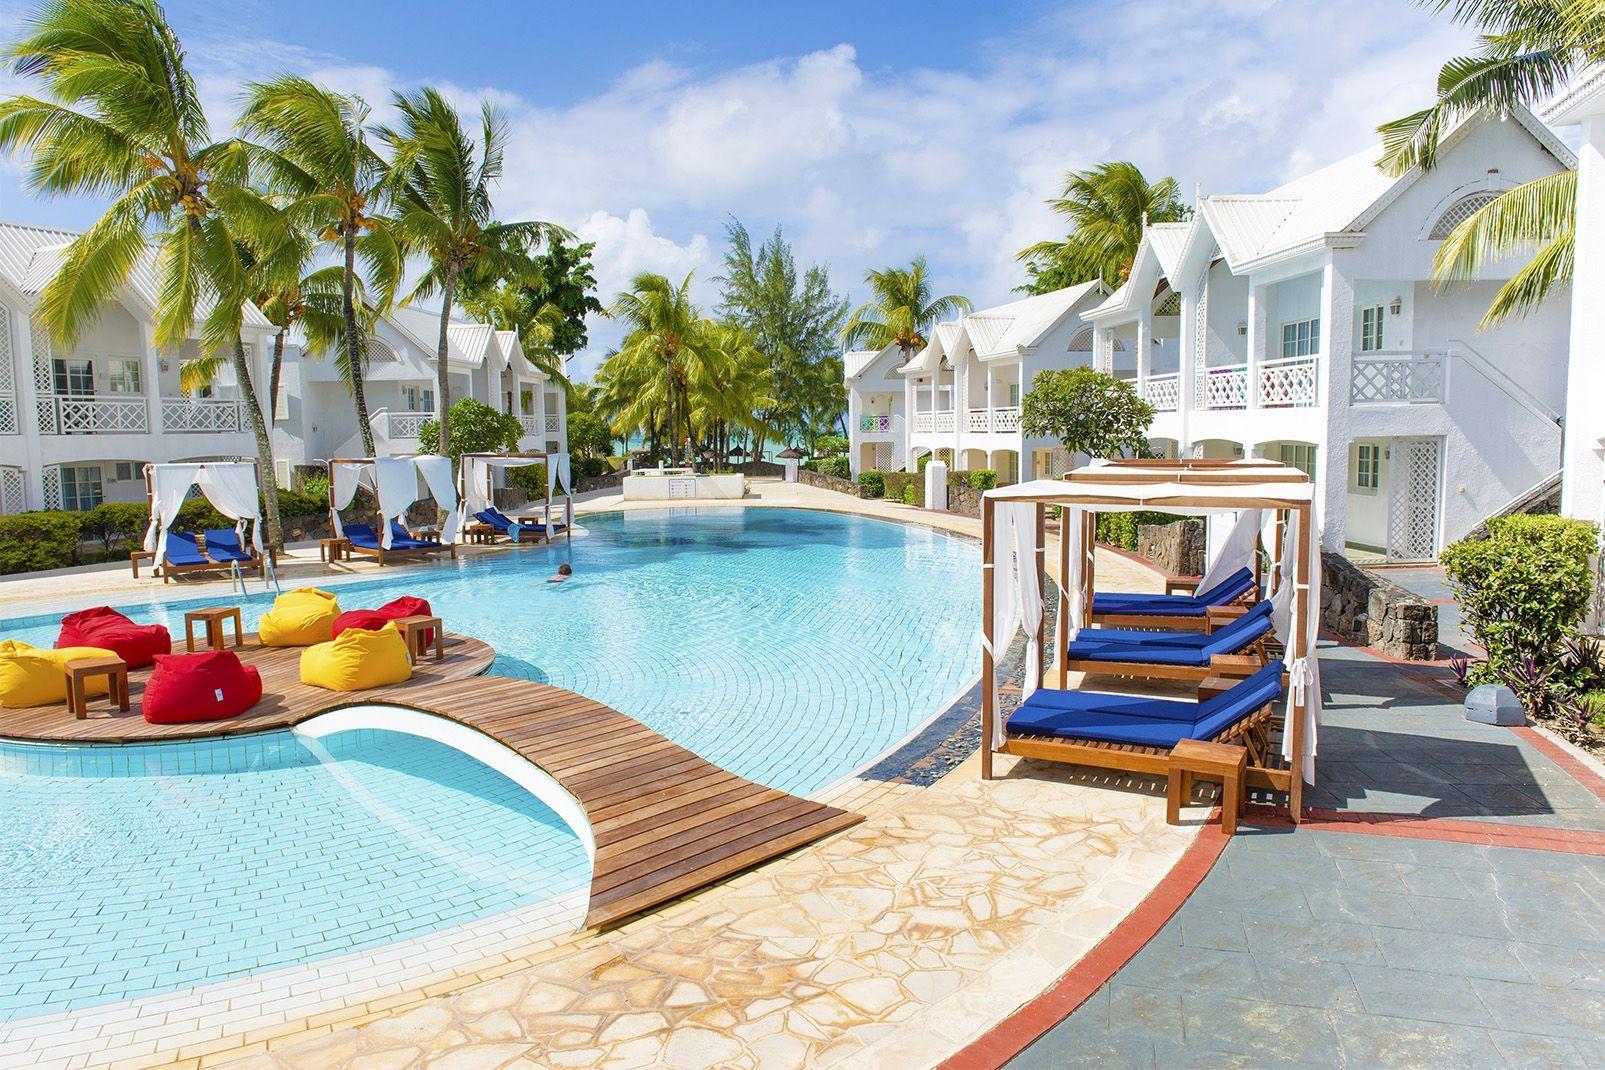 Ôclub Experience Seaview Mauritius - 1